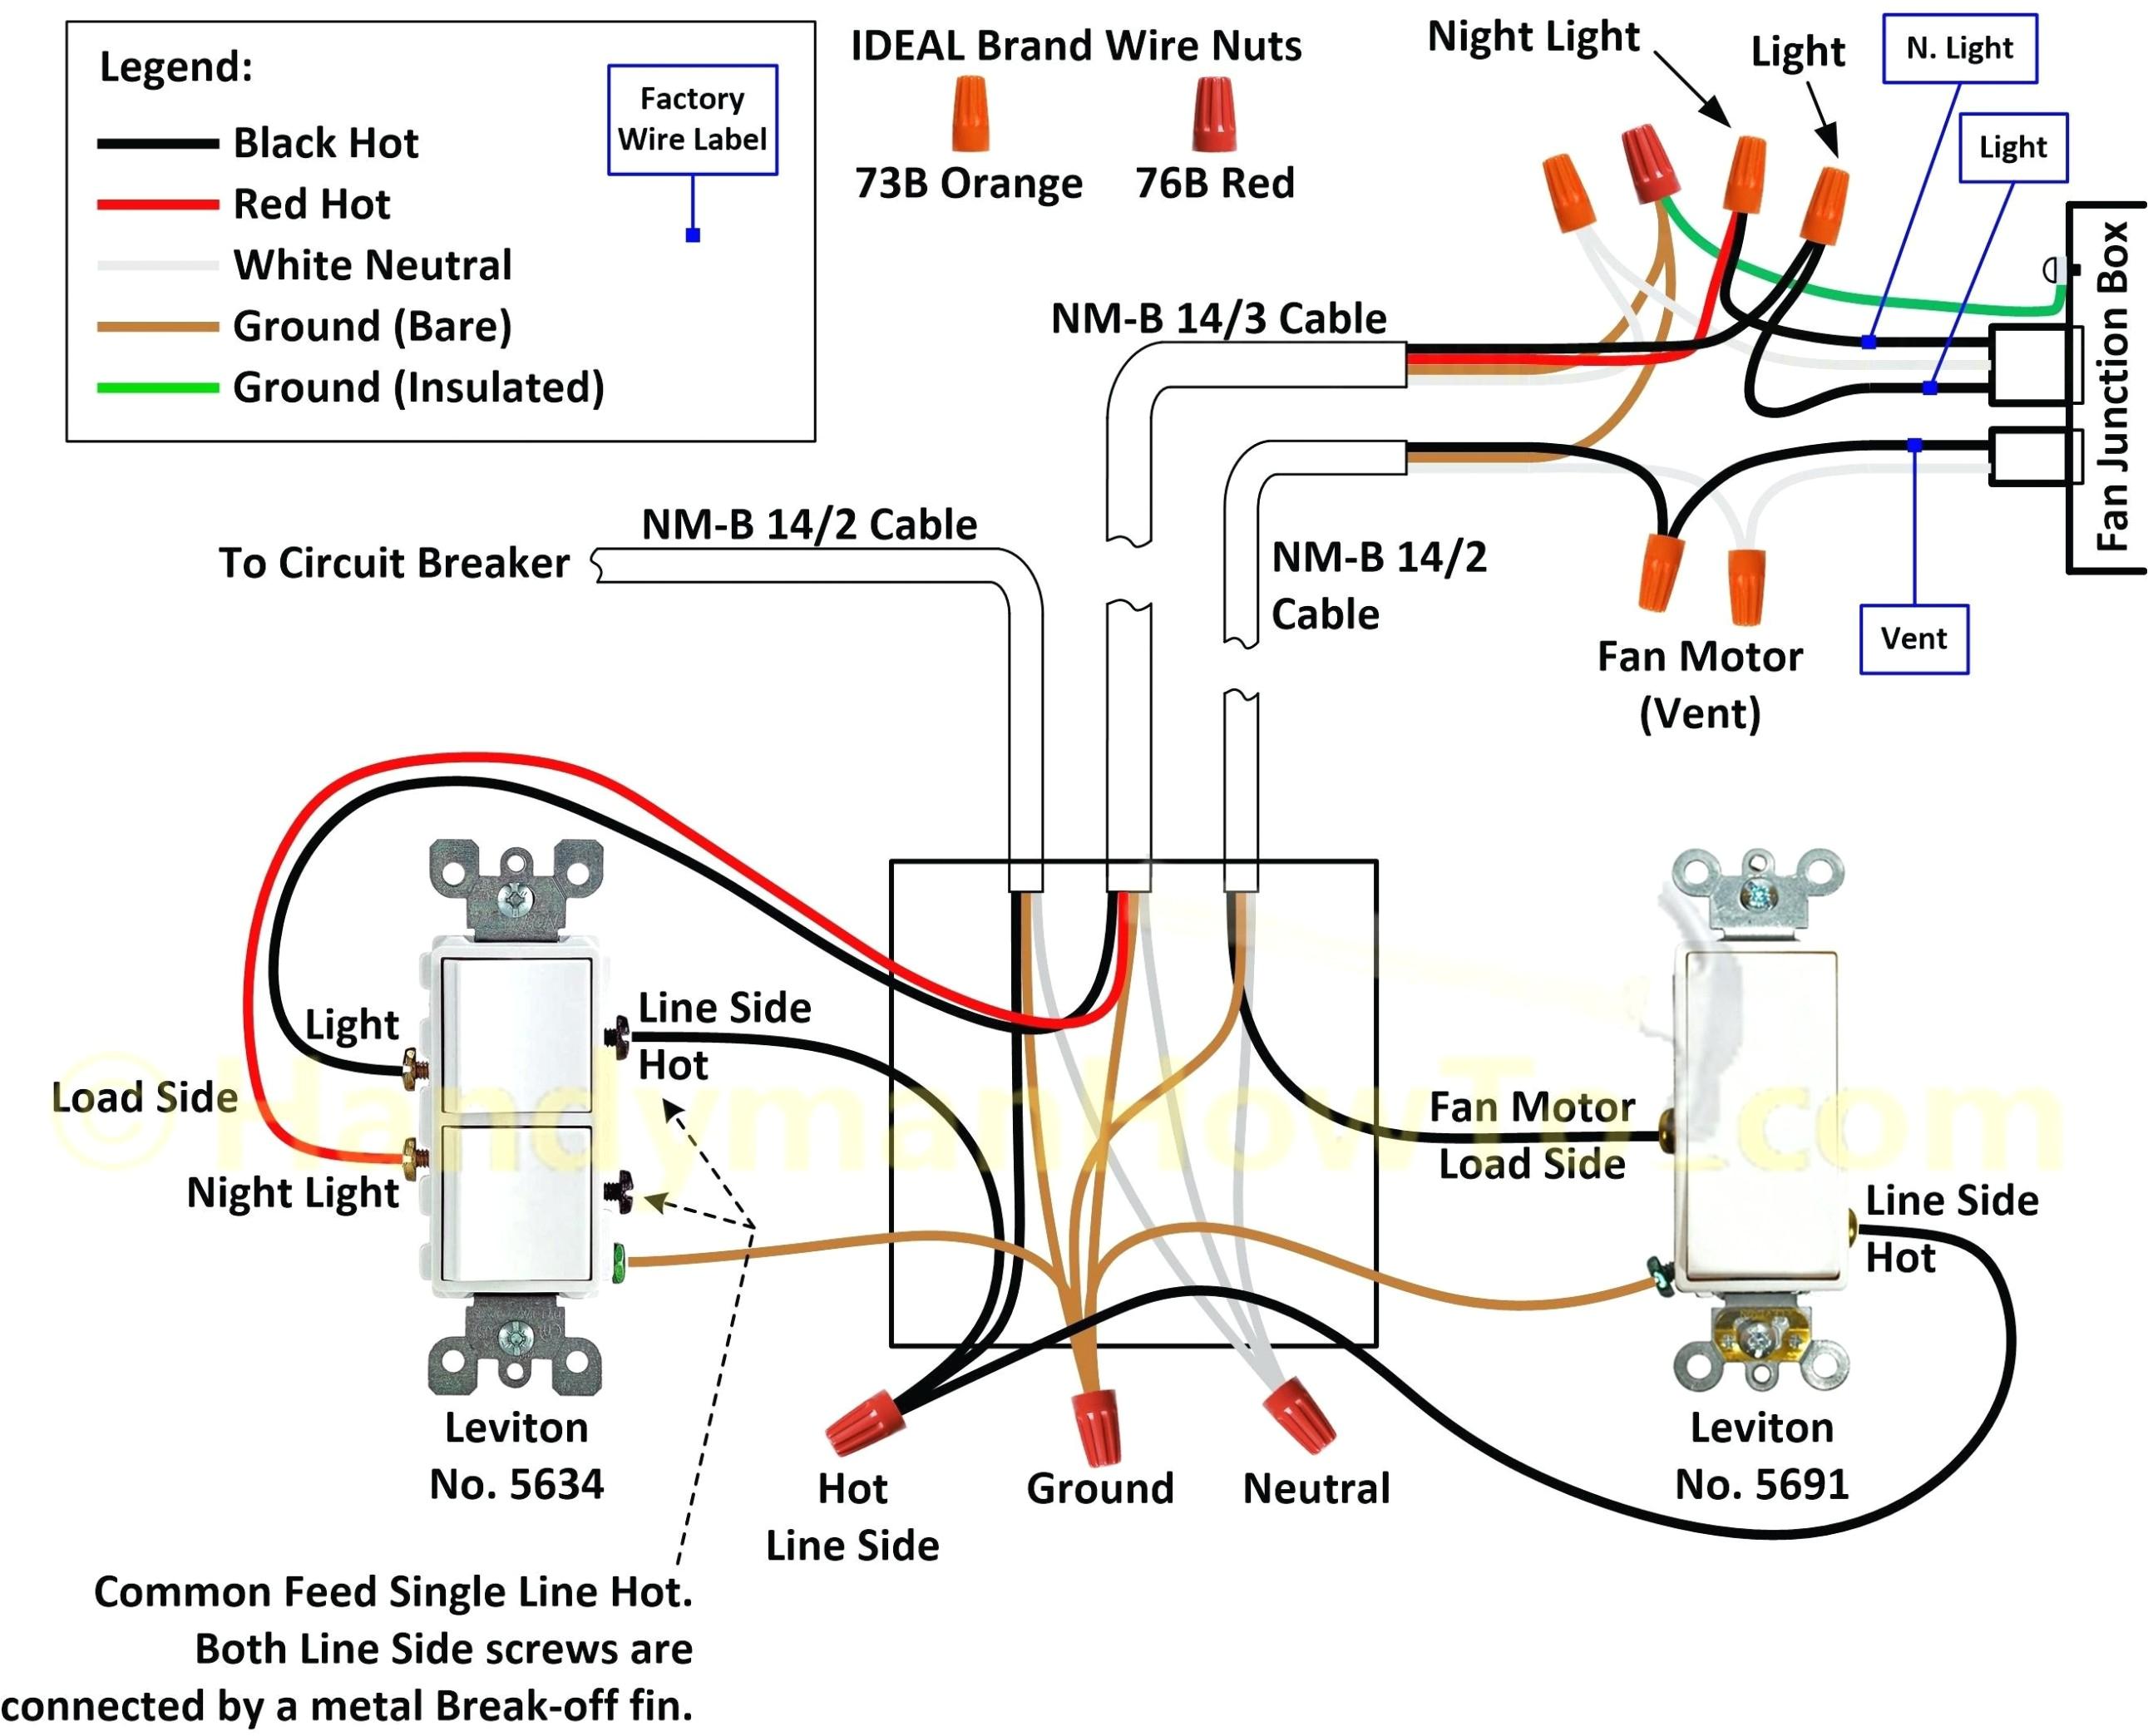 leviton 5641 wiring diagram wiring schematic diagram 33 leviton 5641 double switch wiring diagram